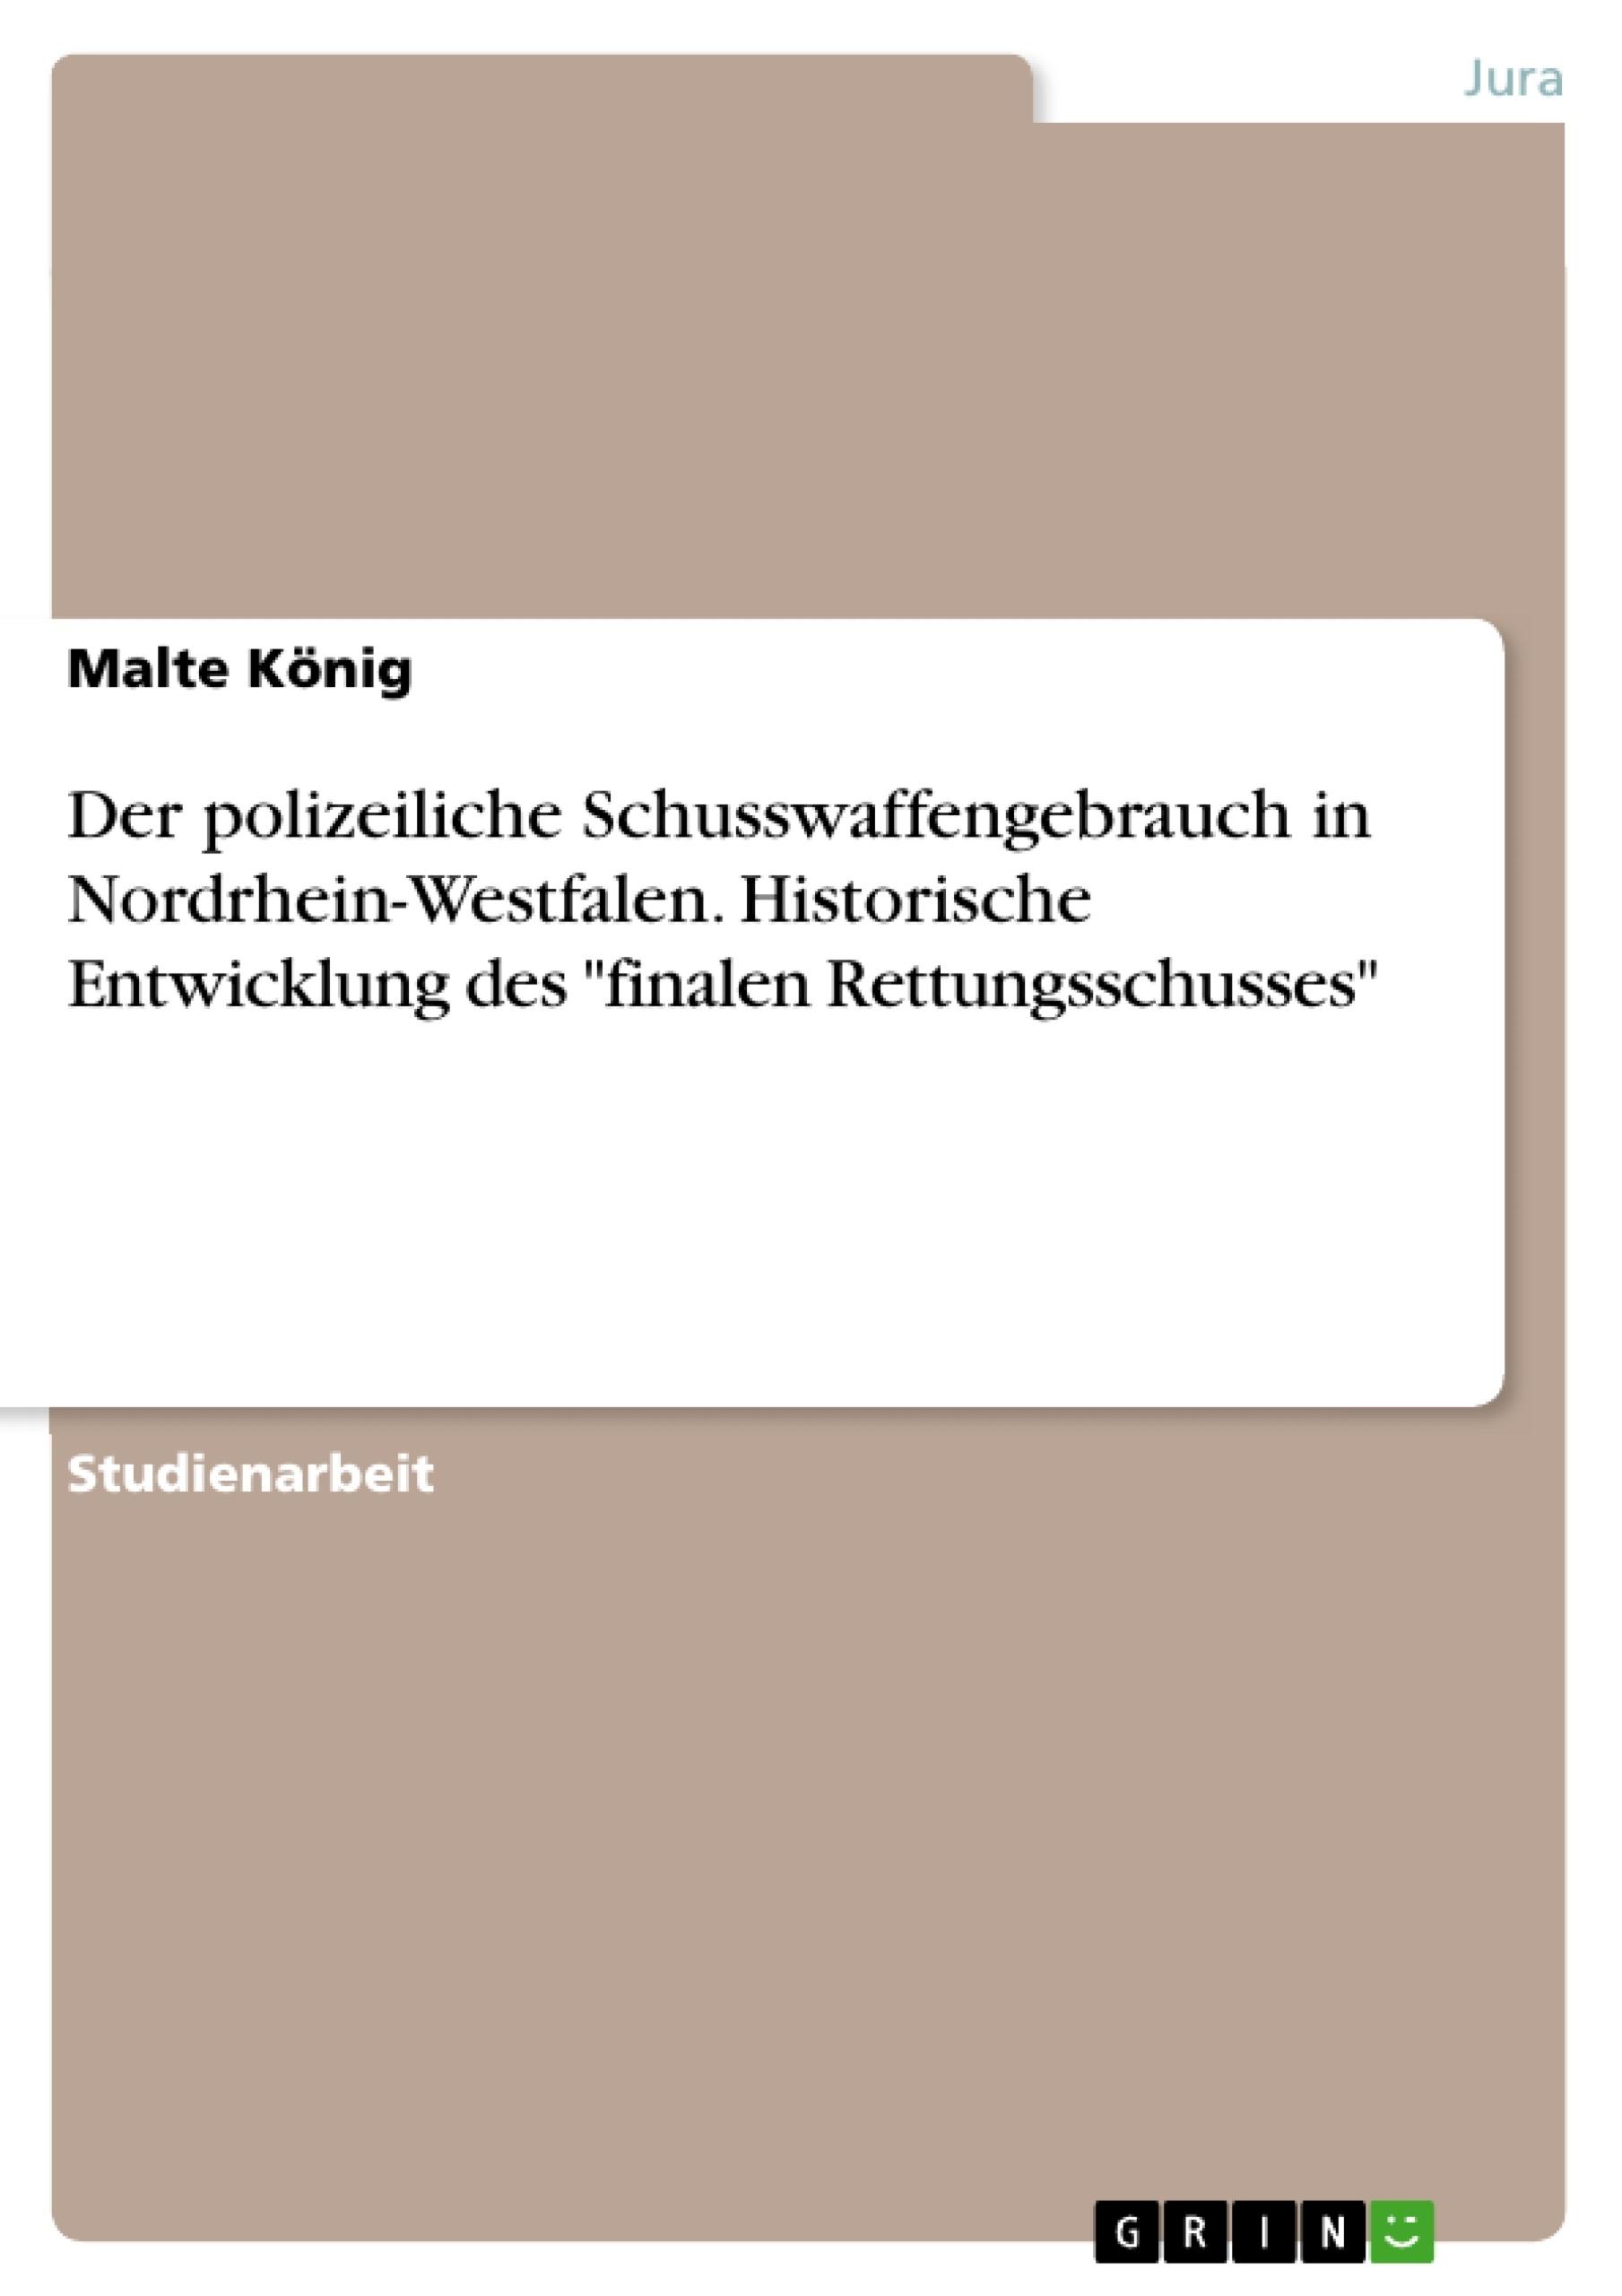 """Titel: Der polizeiliche Schusswaffengebrauch in Nordrhein-Westfalen. Historische Entwicklung des """"finalen Rettungsschusses"""""""